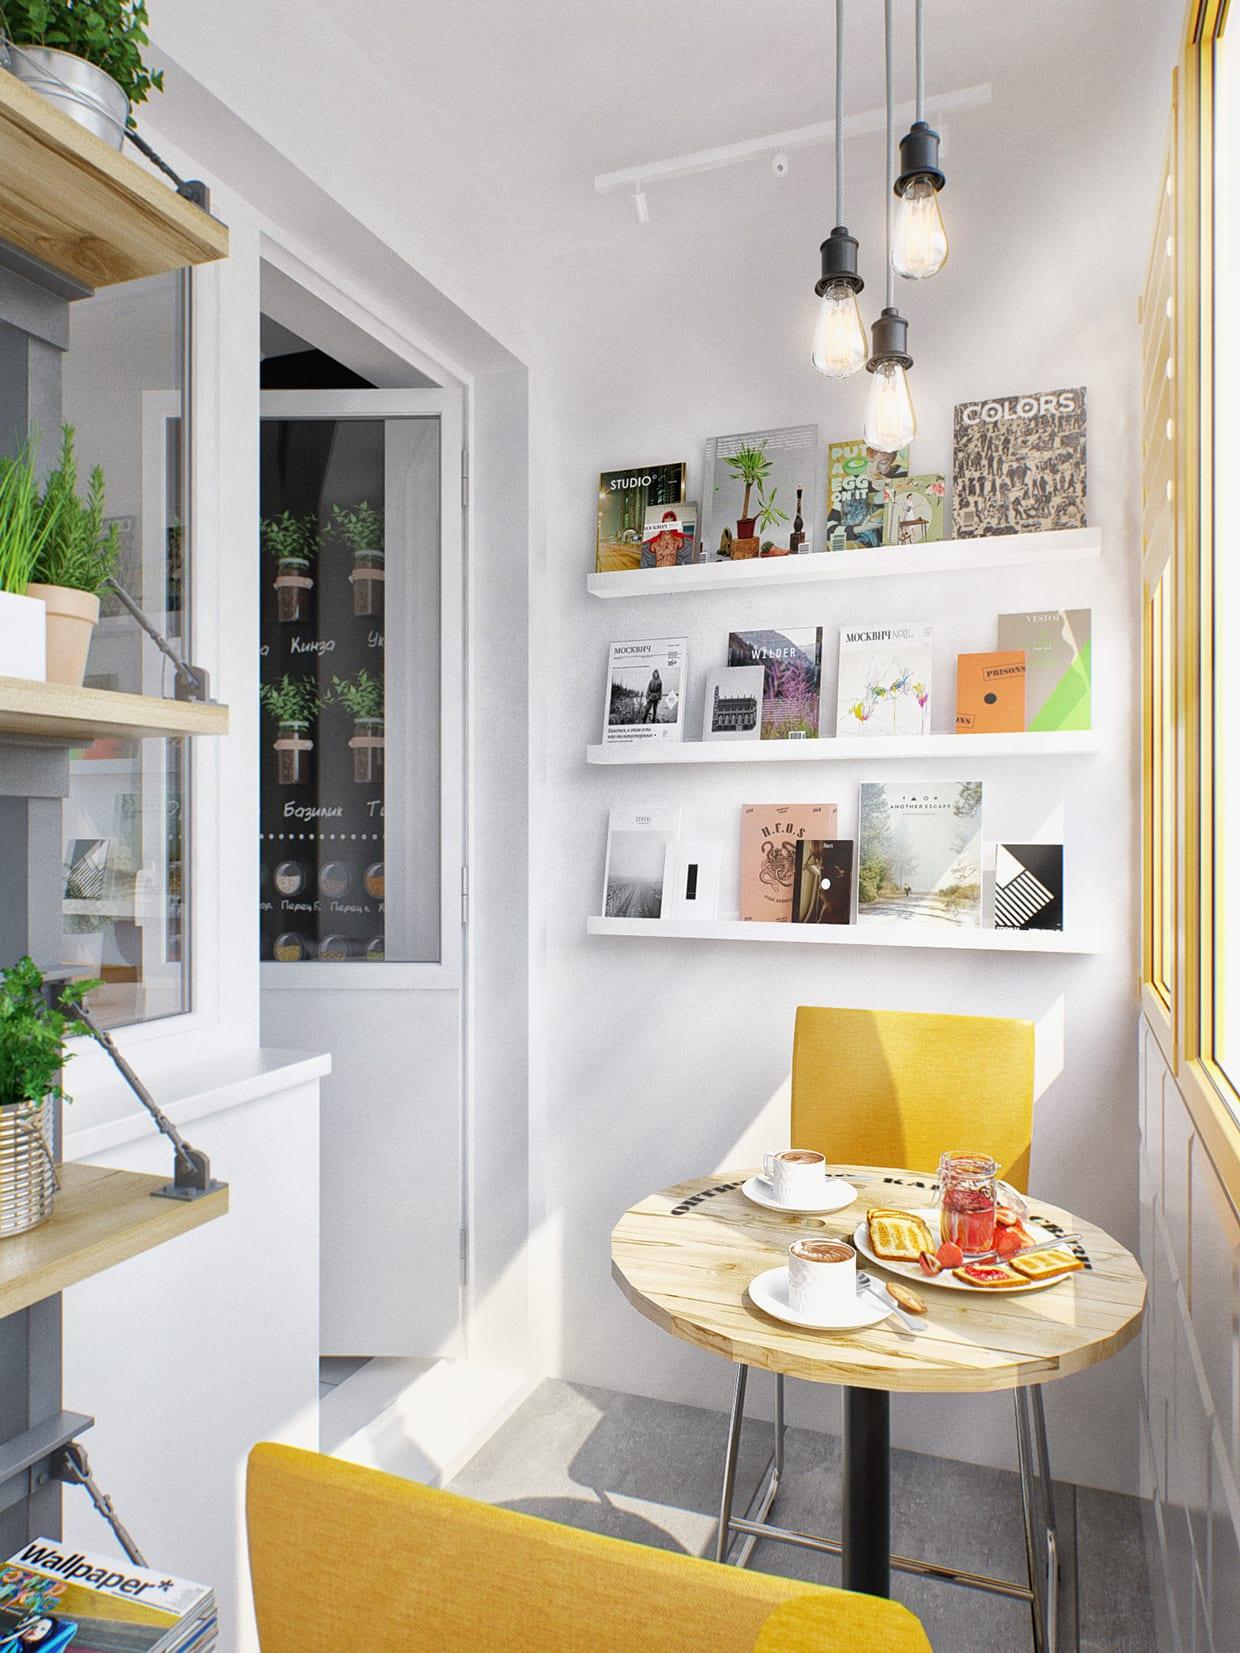 balkon kreativ gestalten mit weißen wandregalen und gelben stühlen und fensterrahmen